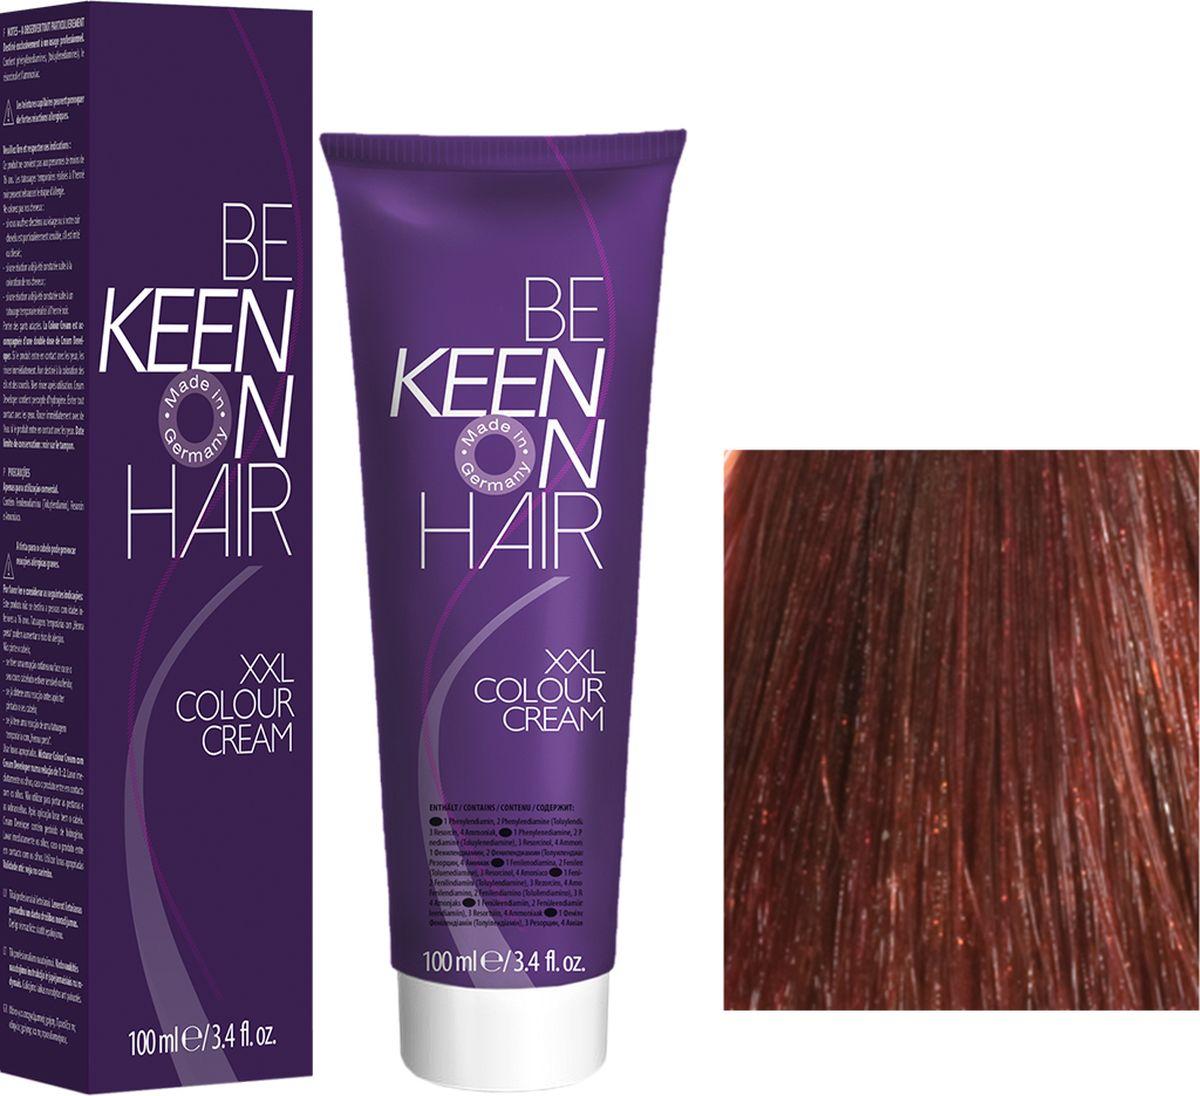 Keen Краска для волос 6.4 Темно-медный блондин Dunkelblond Kupfer, 100 мл69100038Модные оттенкиБолее 100 оттенков для креативной комбинации цветов.ЭкономичностьПри использовании тюбика 100 мл вы получаете оптимальное соотношение цены и качества!УходМолочный белок поддерживает структуру волоса во время окрашивания и придает волосам блеск и шелковистость. Протеины хорошо встраиваются в волосы и снабжают их влагой.